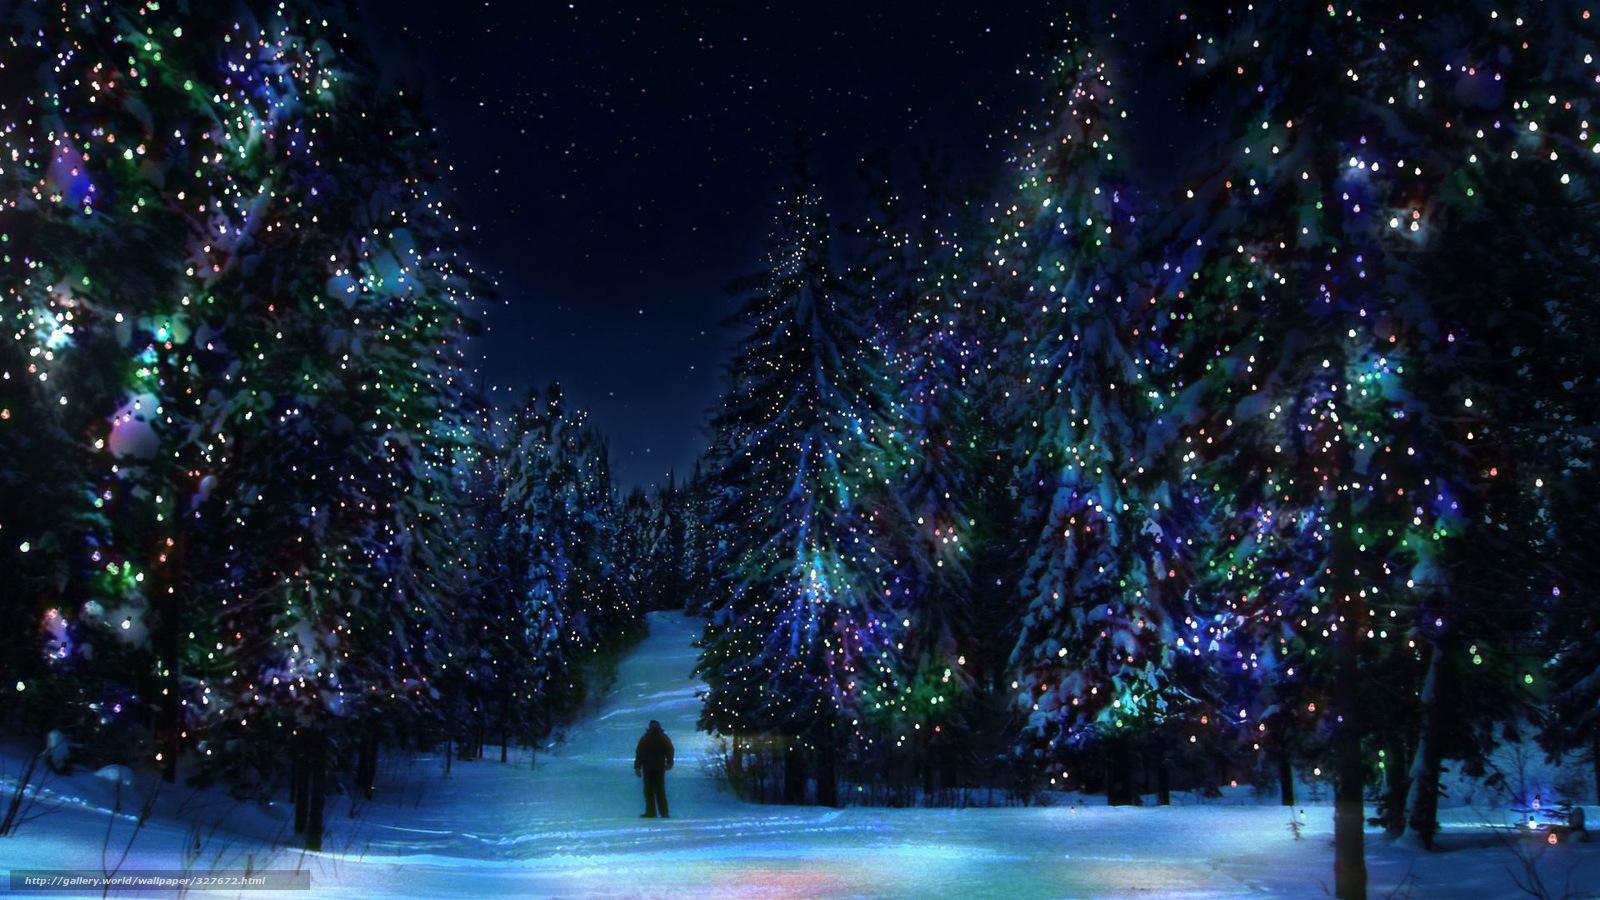 Скачать обои лес елки зима новый год